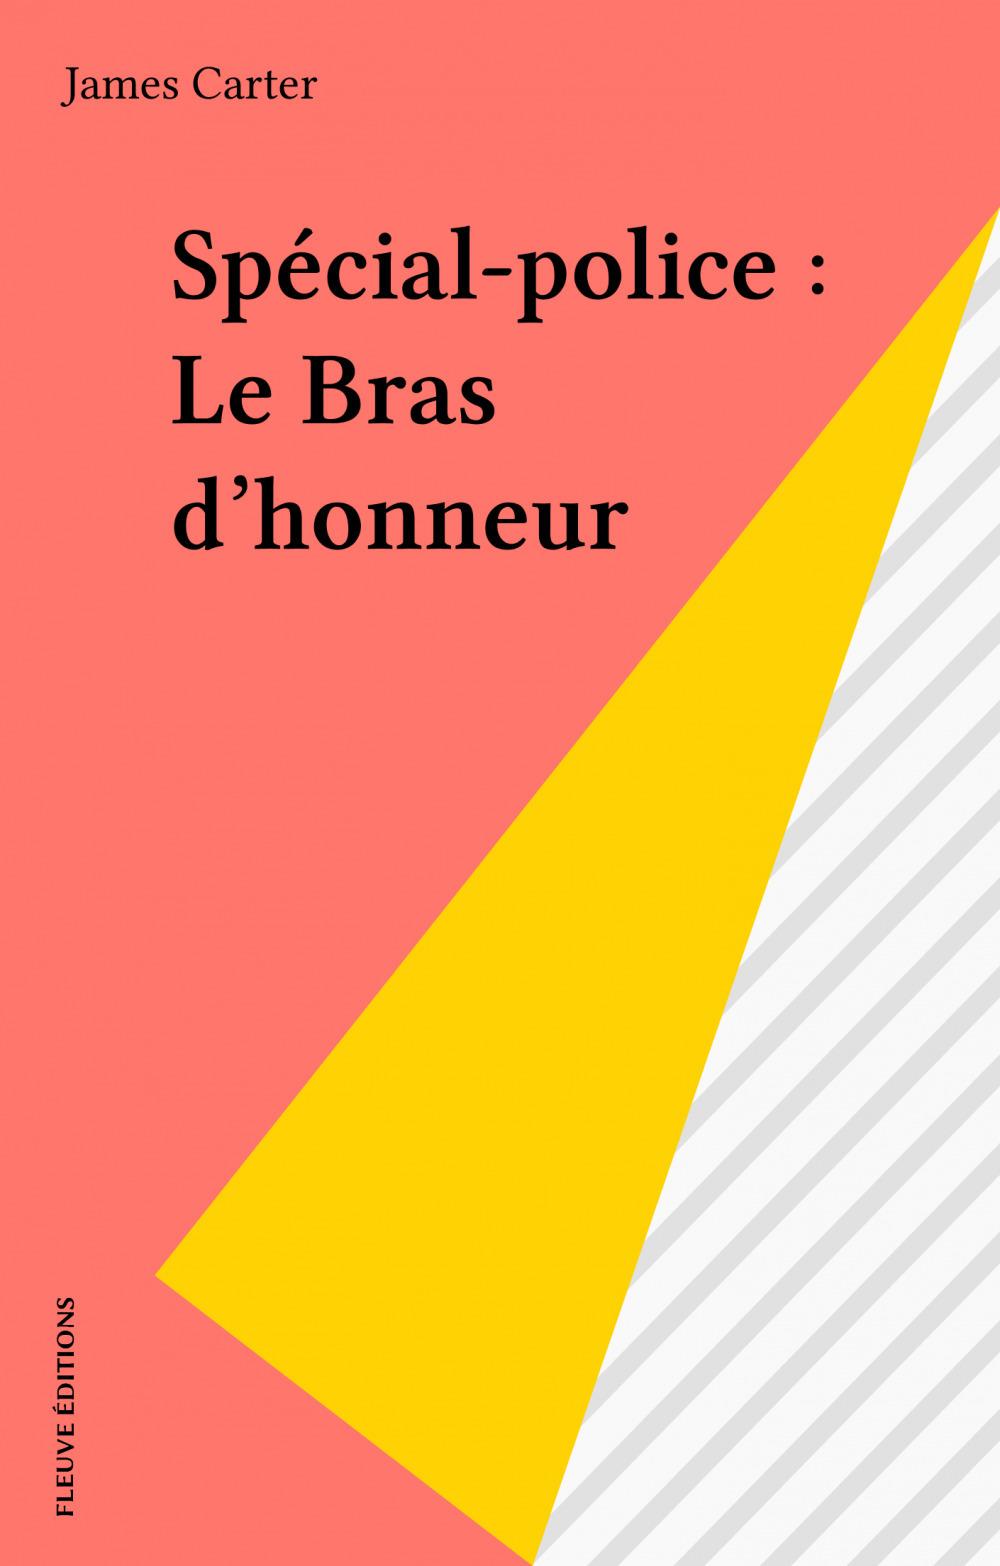 Spécial-police : Le Bras d'honneur